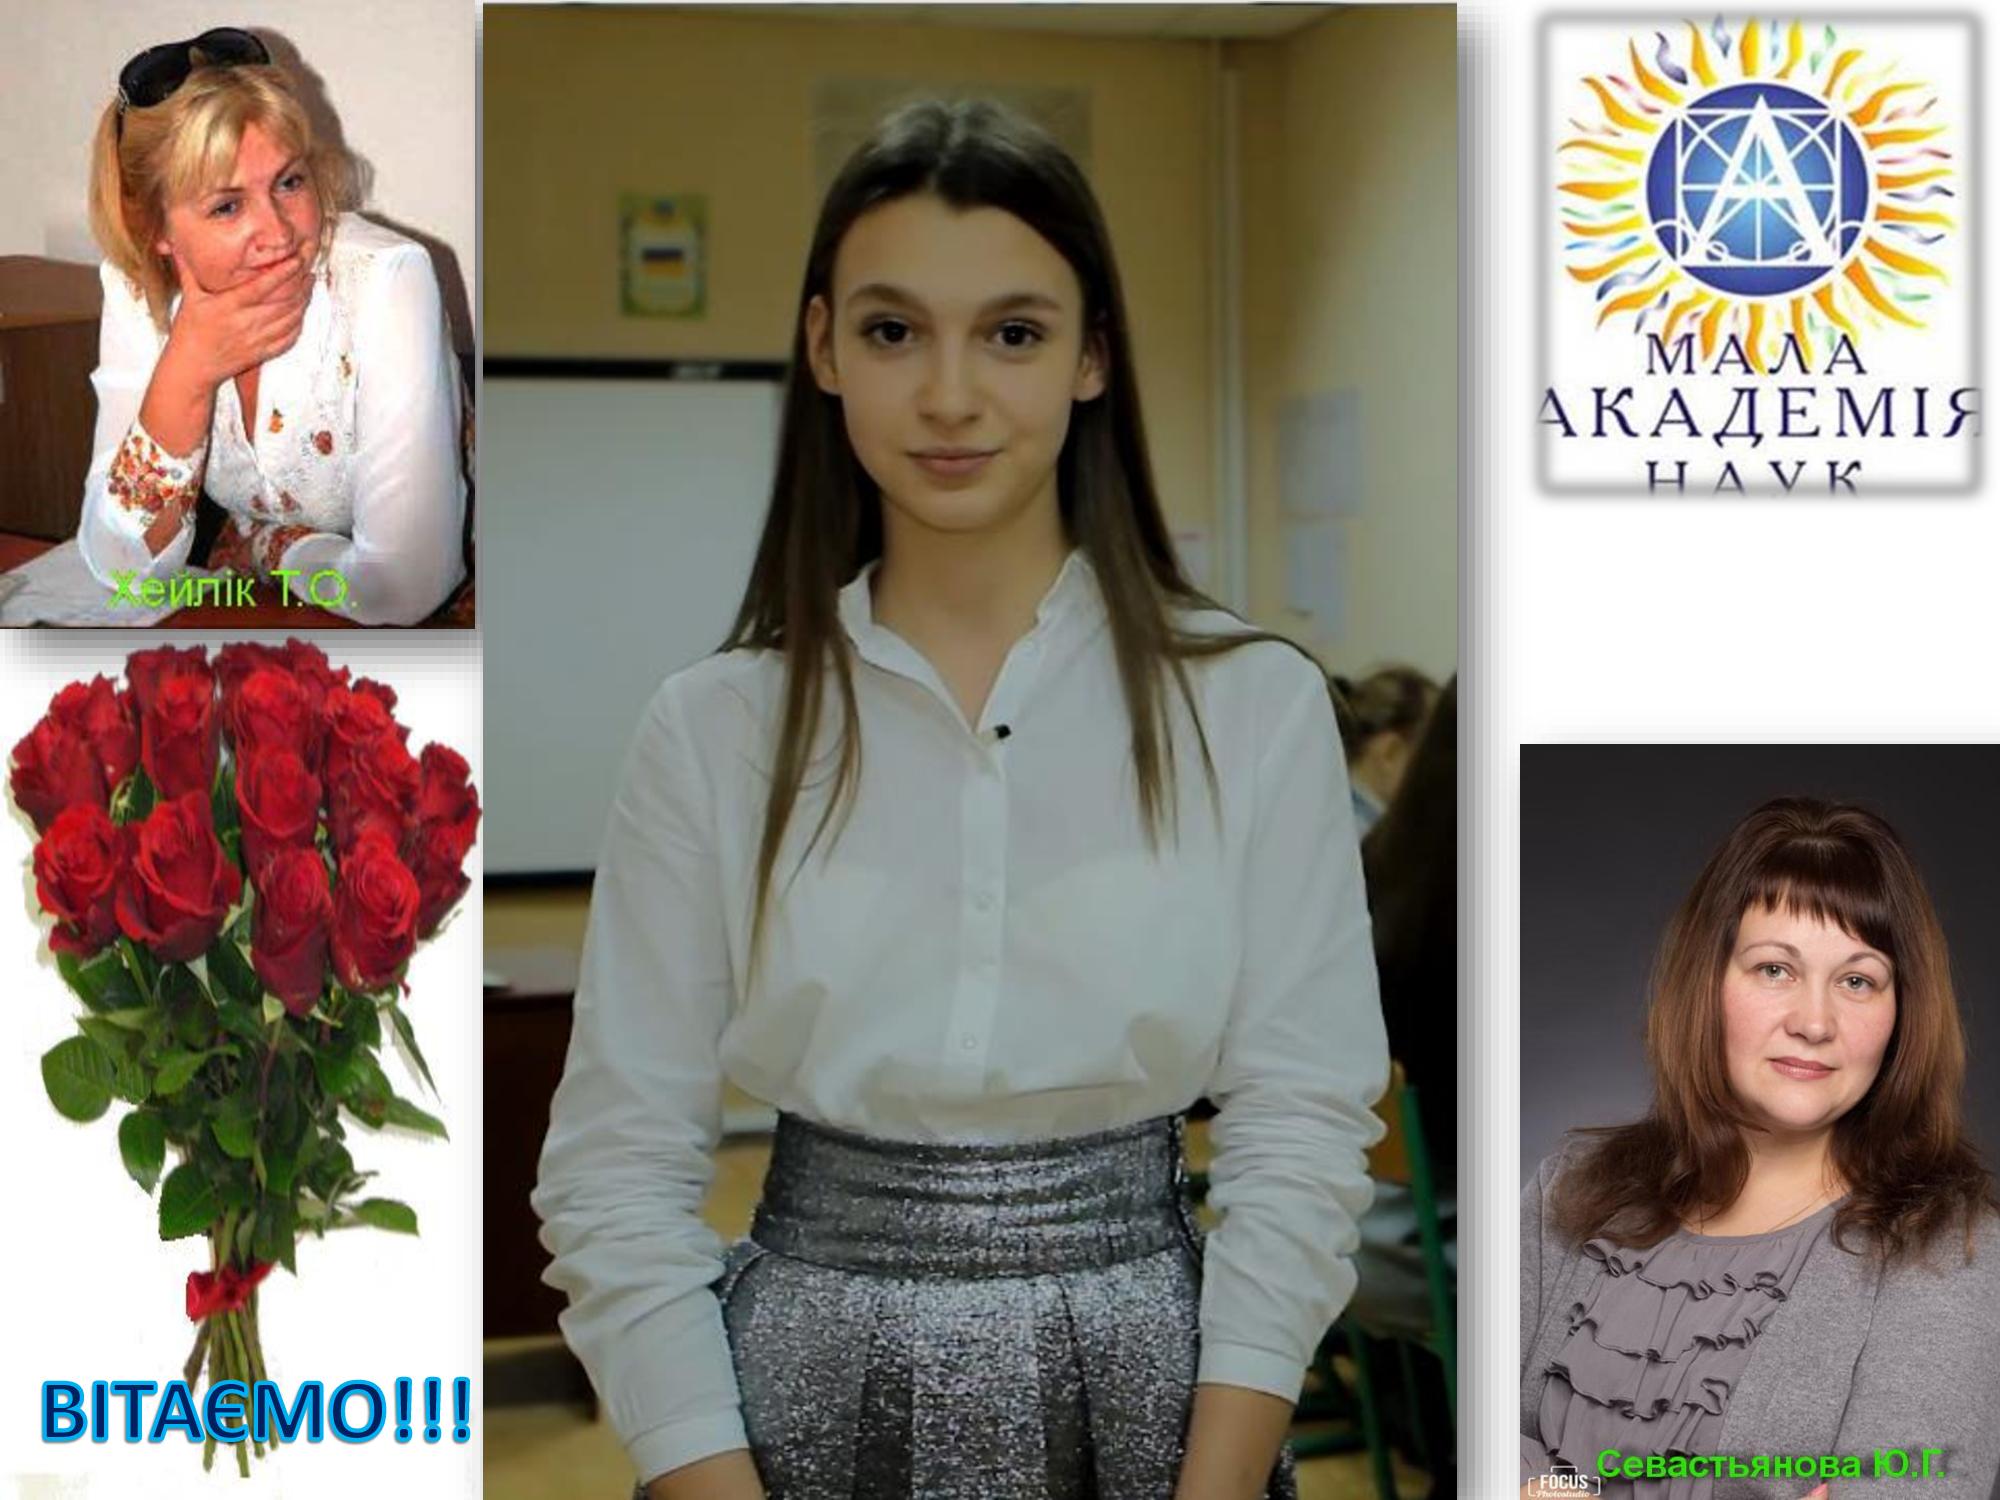 Вітаємо з перемогою у ІІІ етапі Всеукраїнського конкурсу науово-дослідницьких робіт учнів-членів МАН України